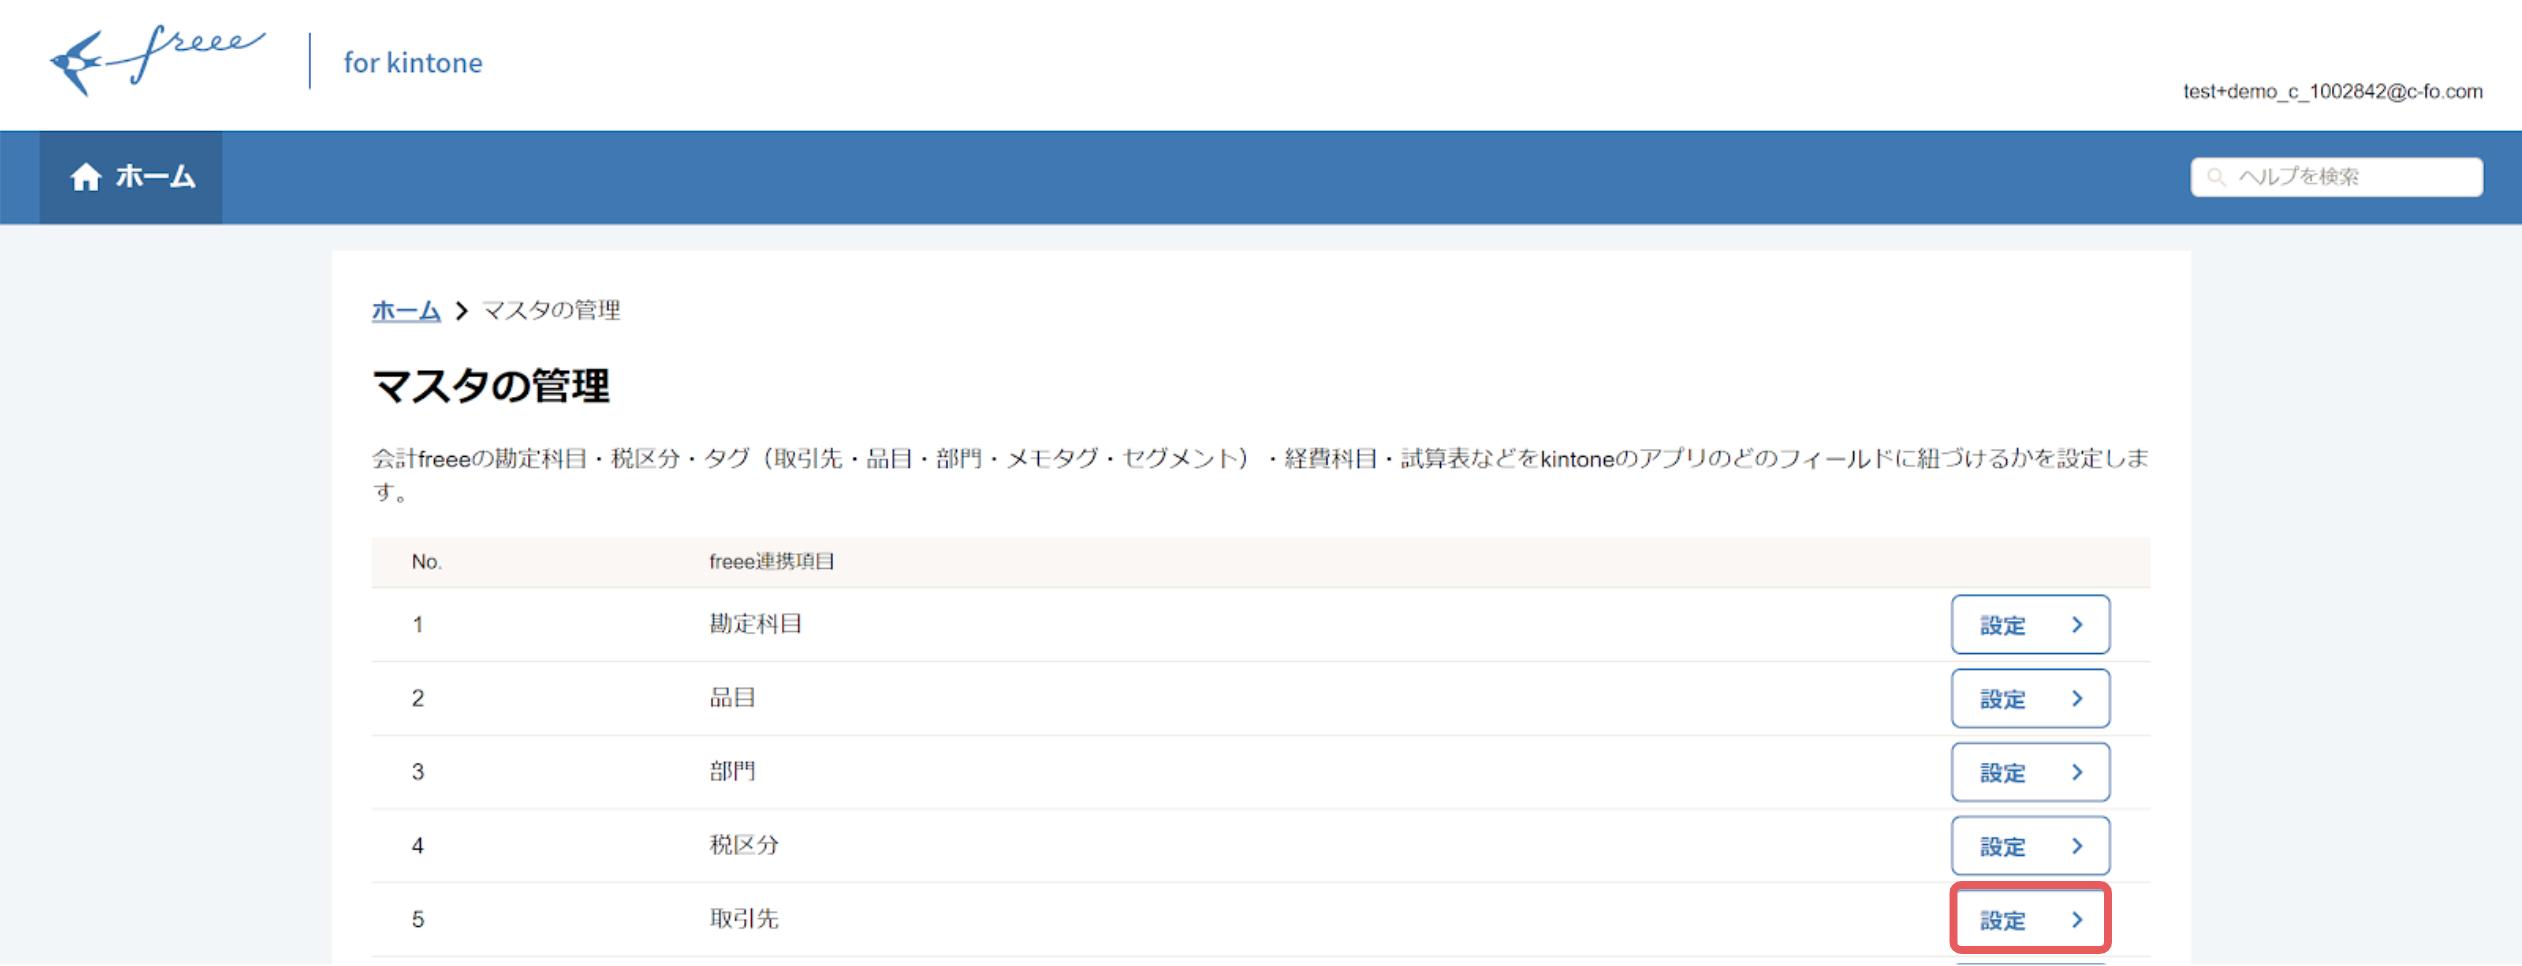 Screen_Shot_2020-07-09_at_16.09.39.png